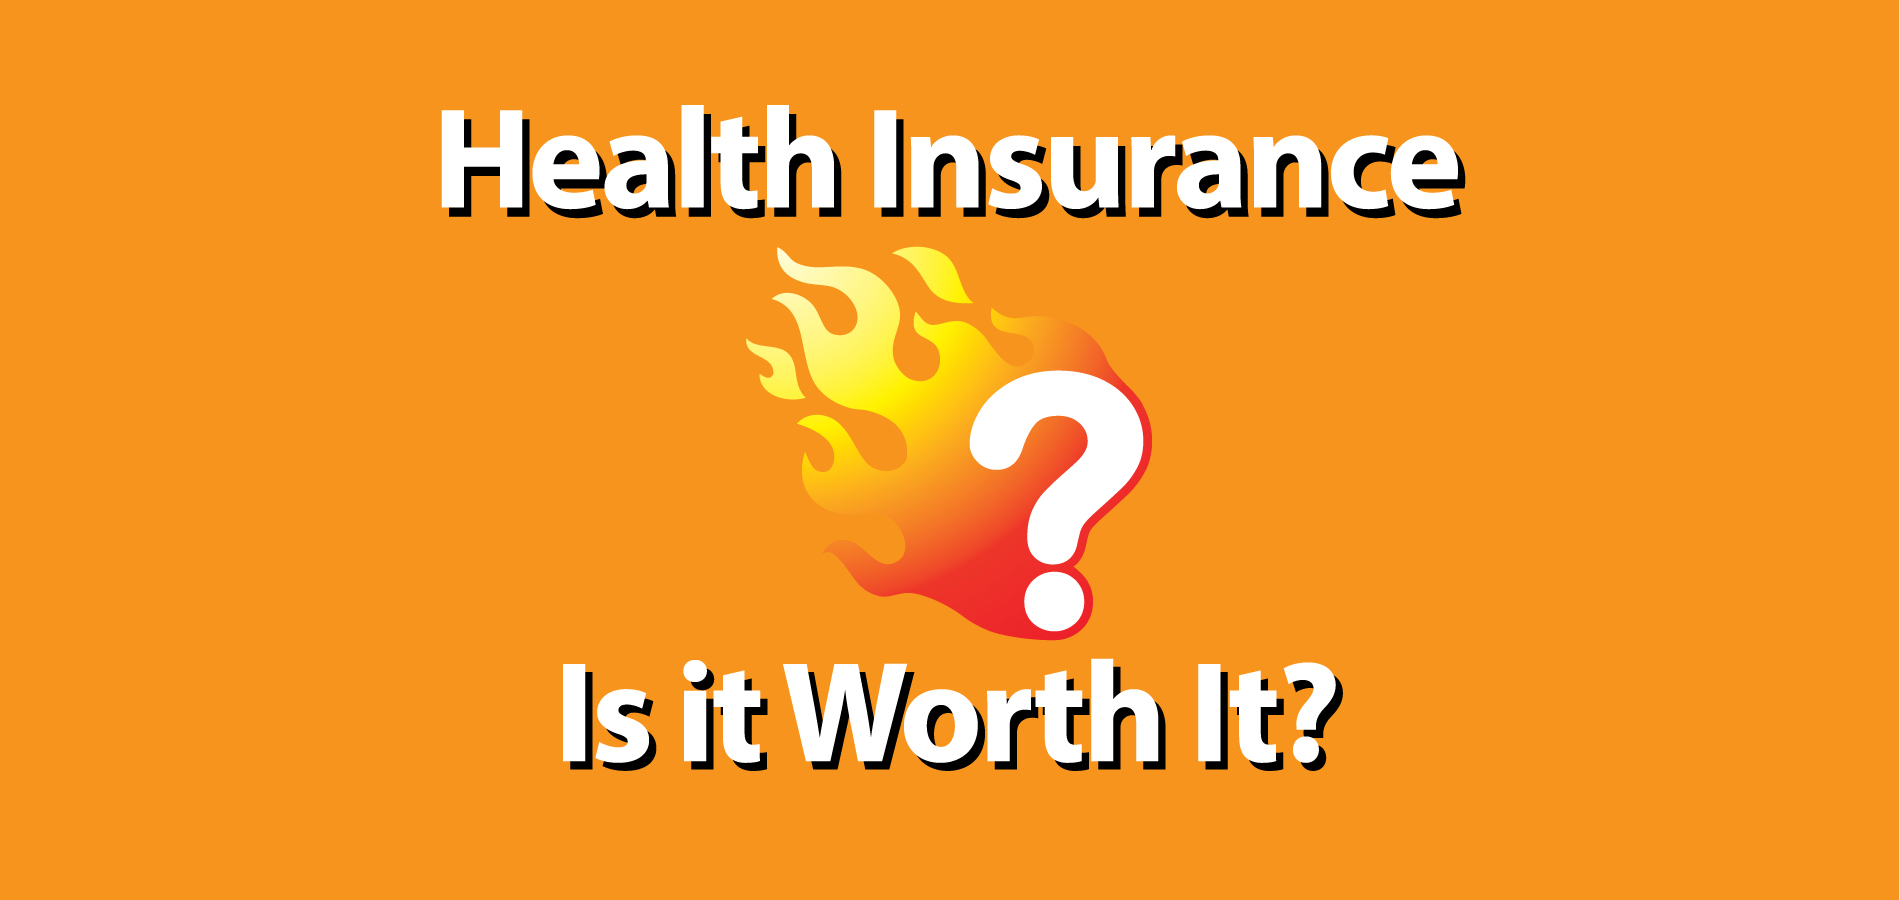 health insurance is it worth it